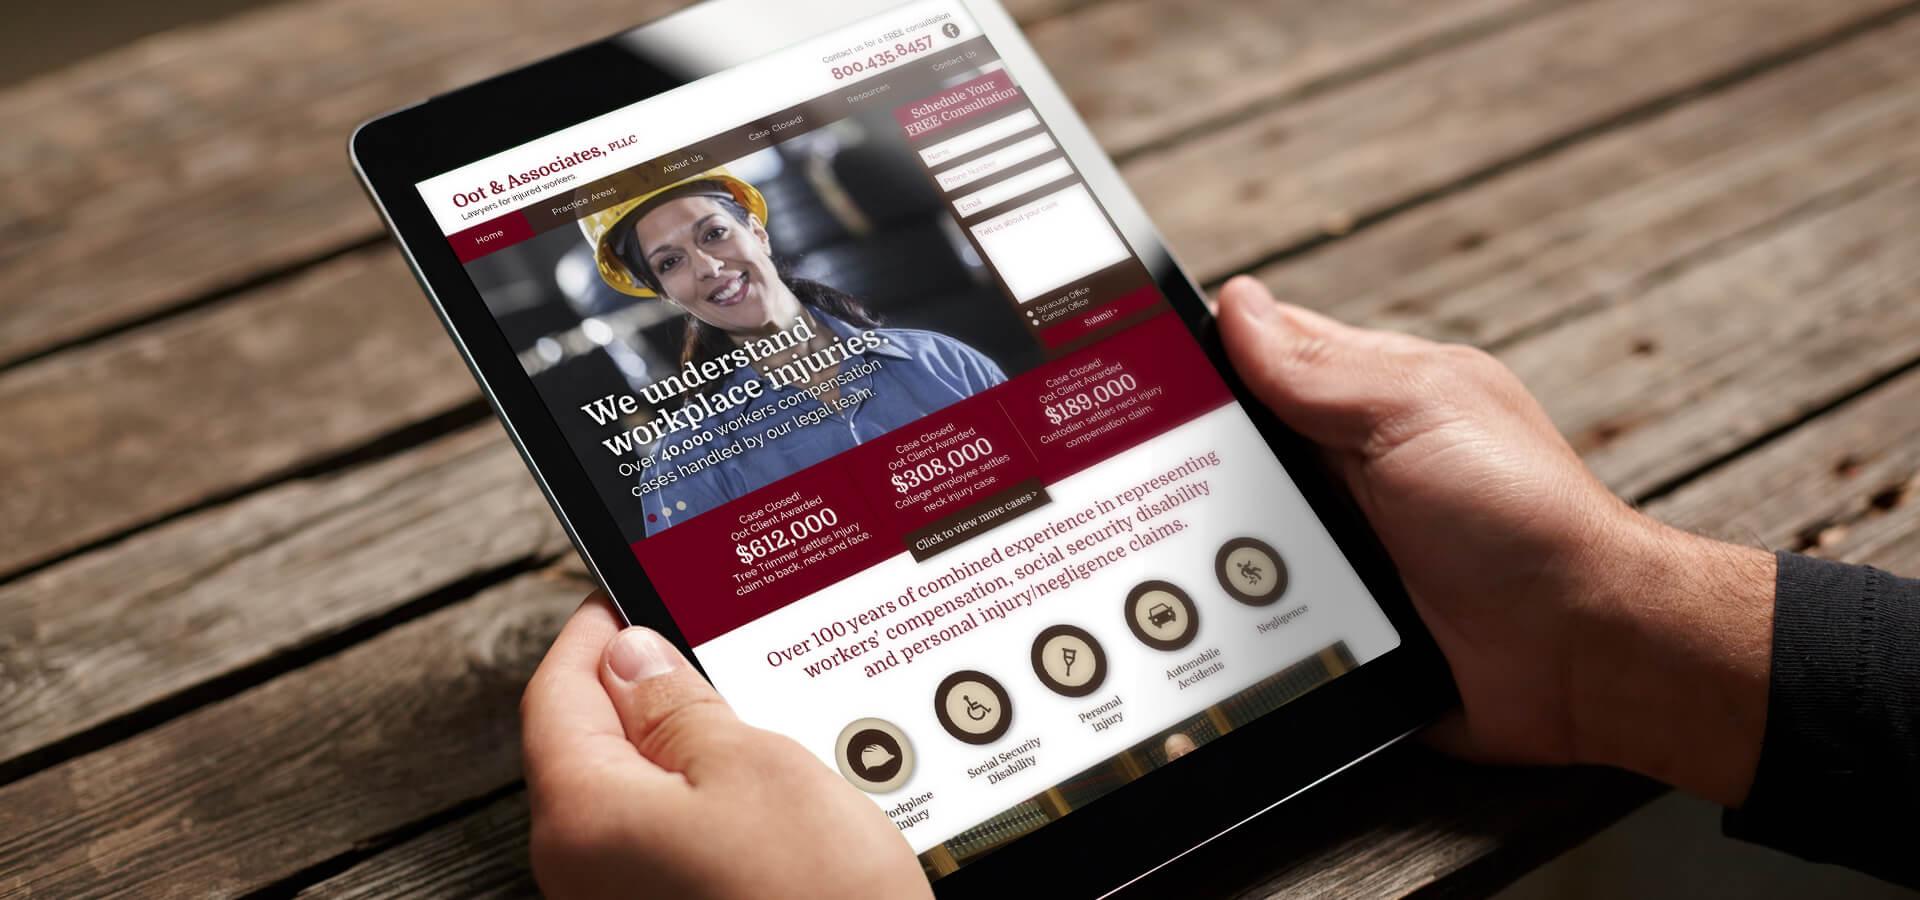 Oot & Associates Website on iPad